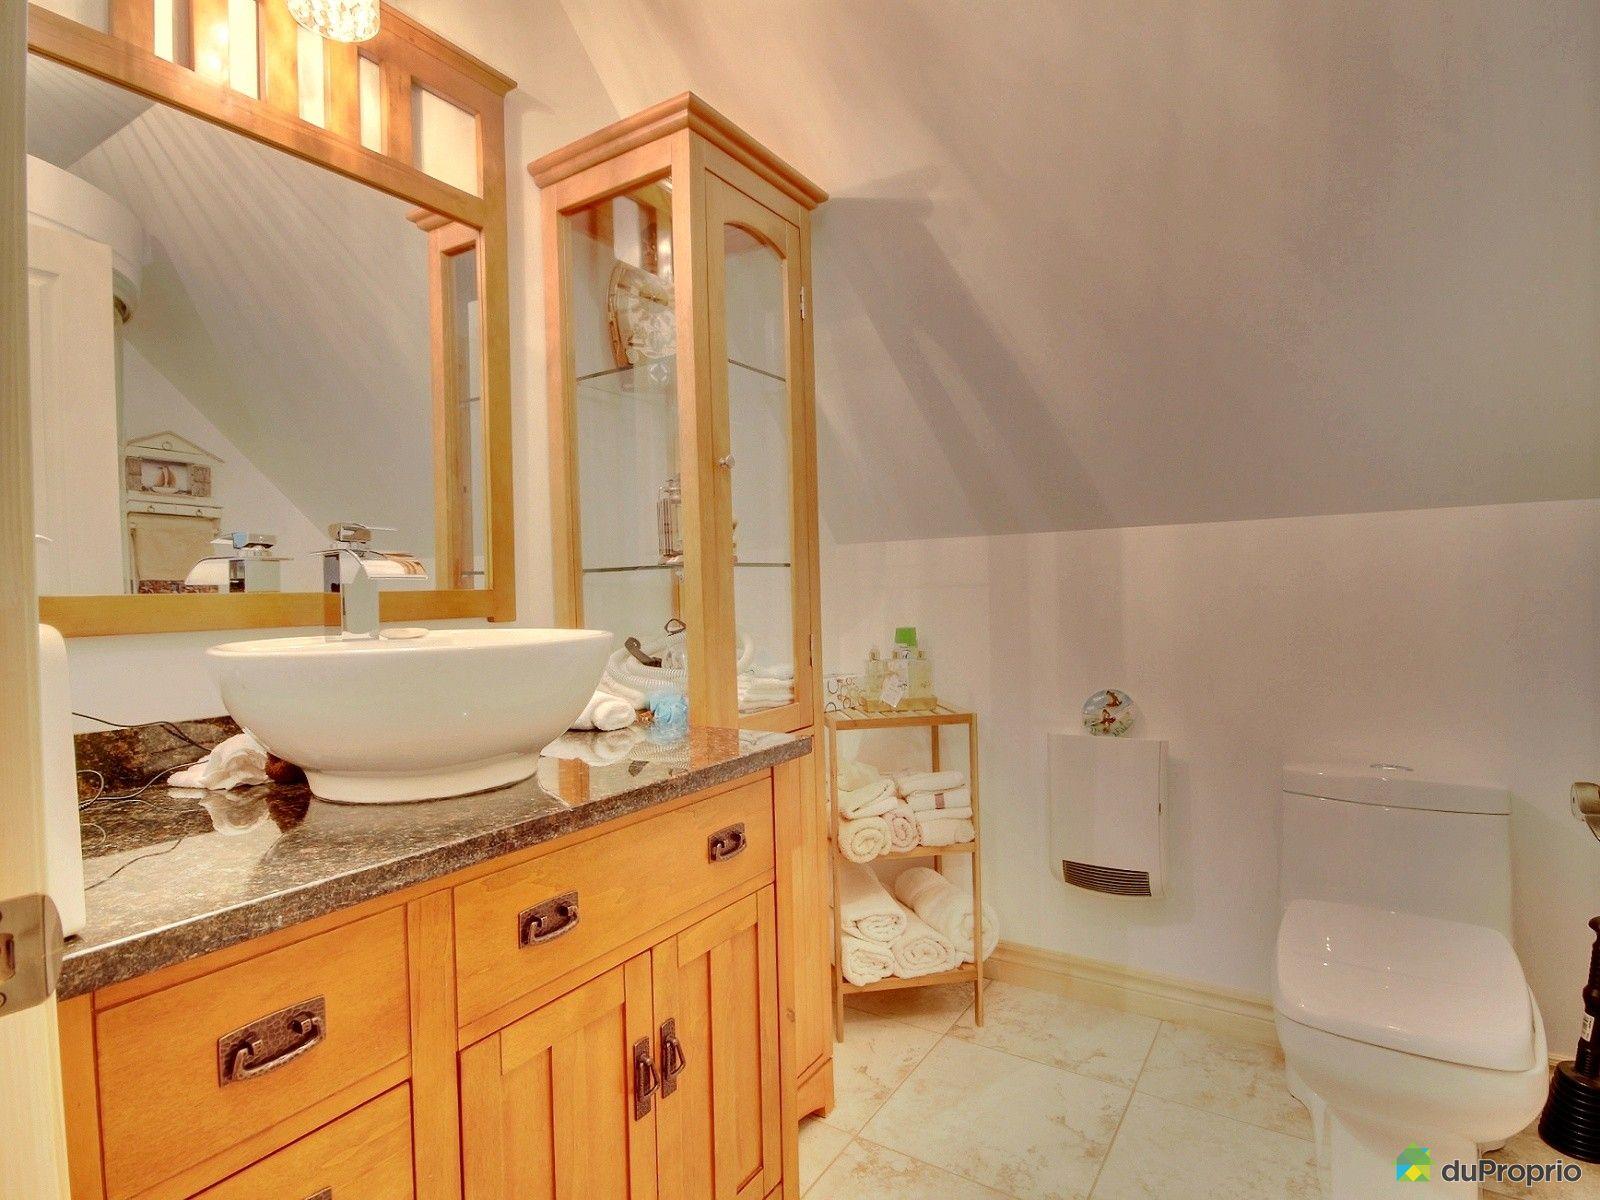 Maison vendre louiseville 401 avenue beaulieu - Comptoir des cotonniers avenue louise ...